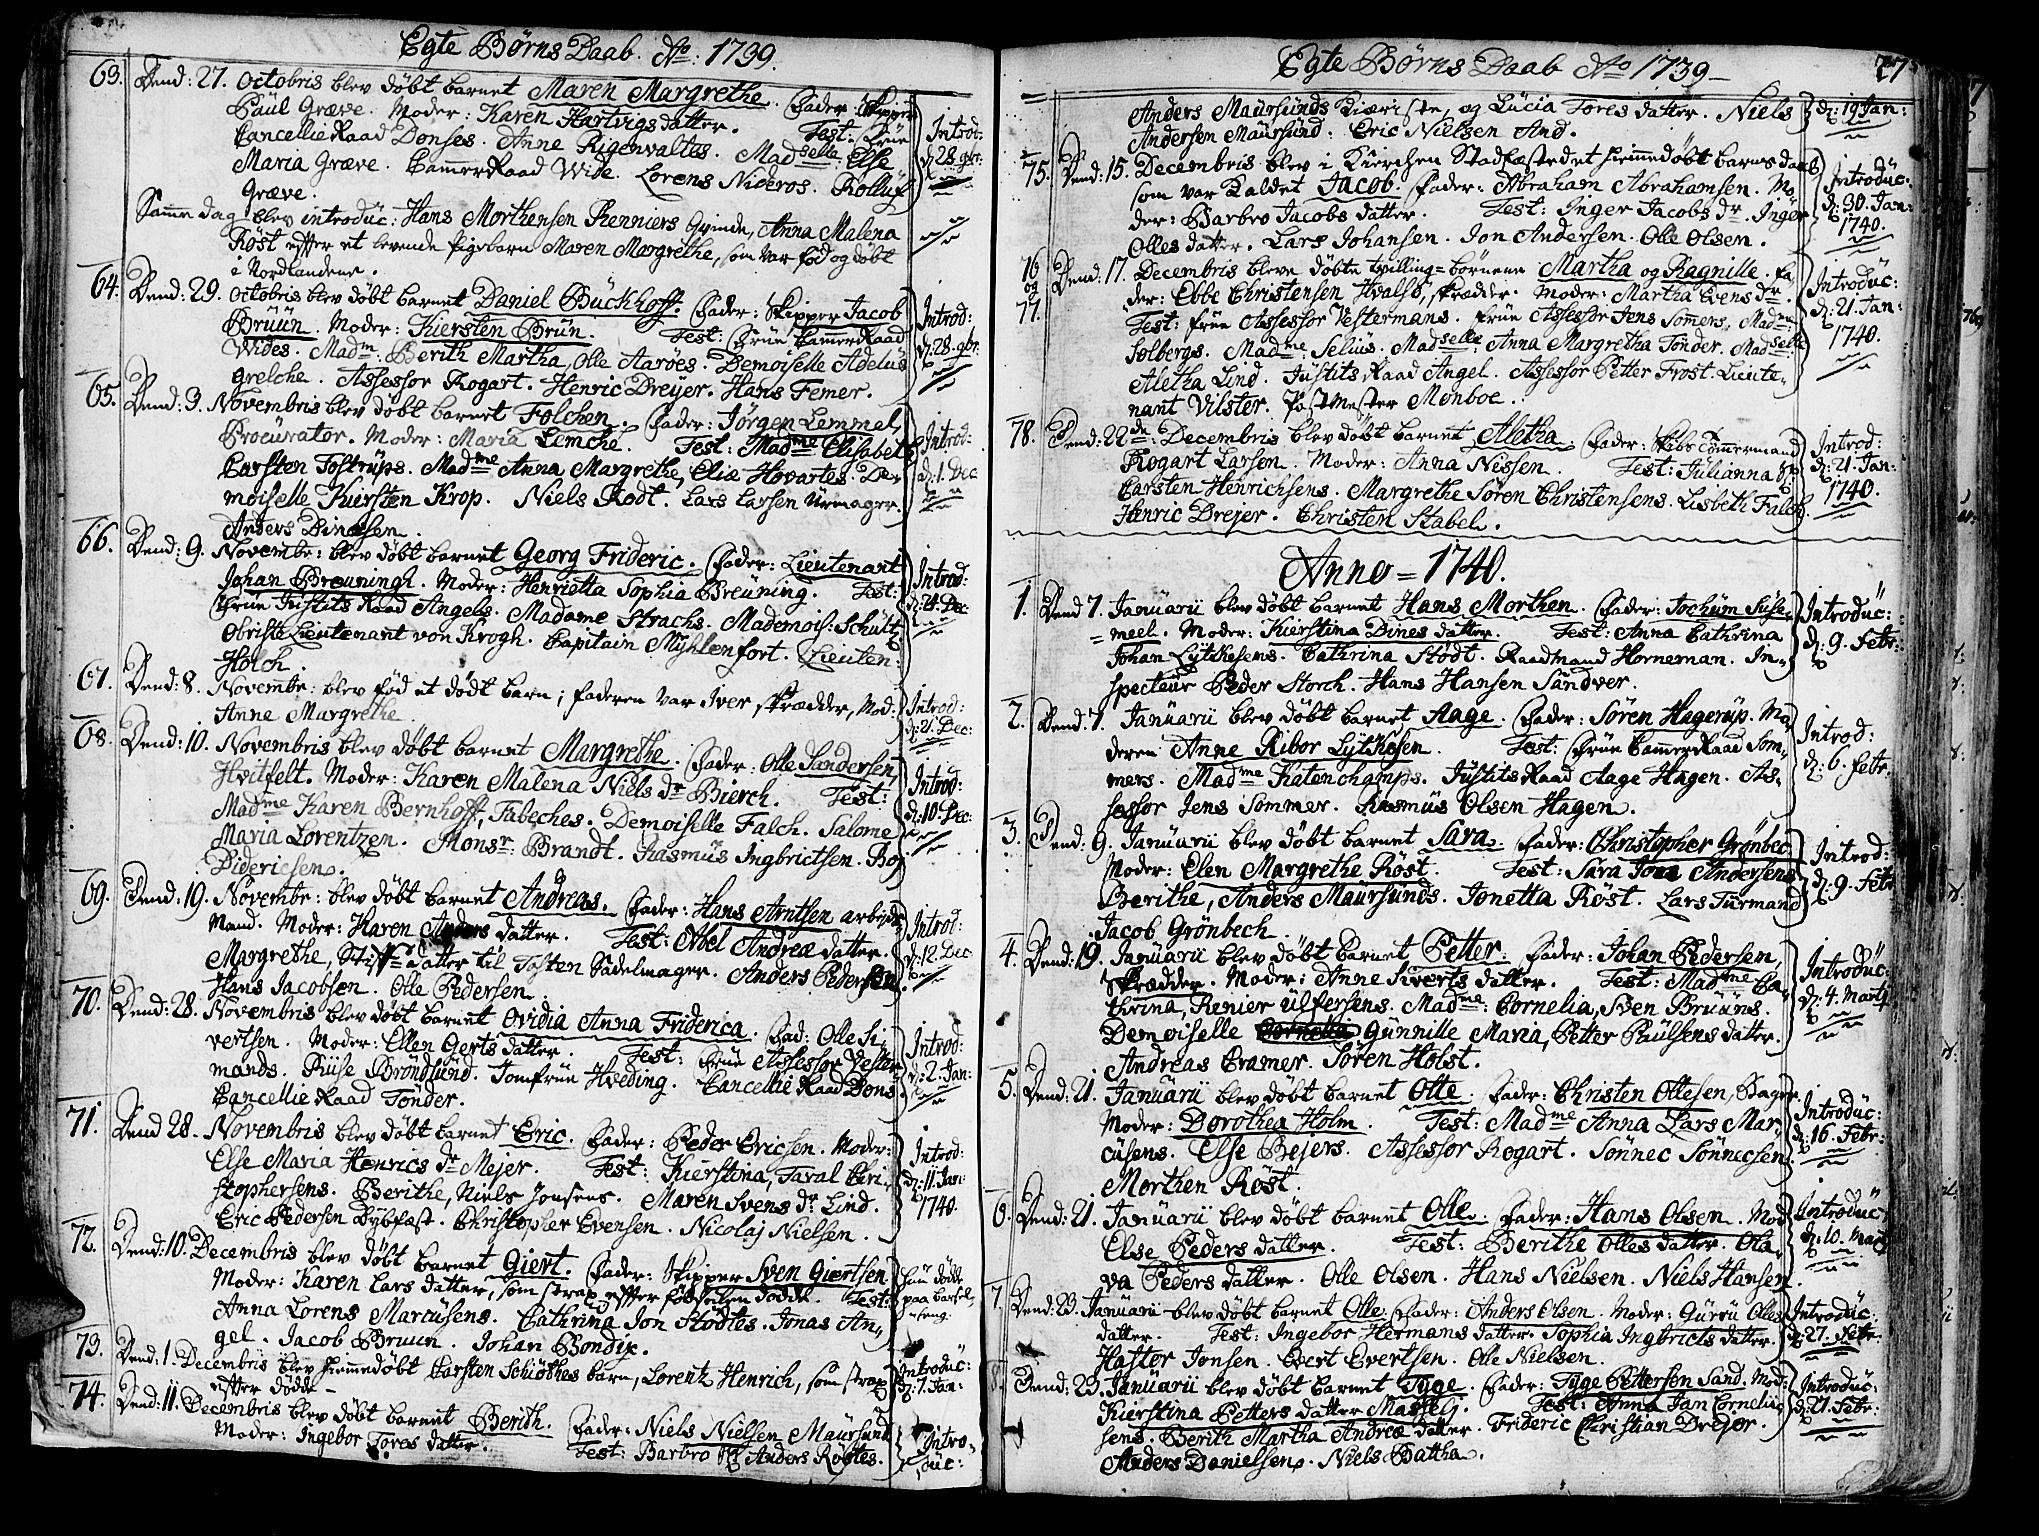 SAT, Ministerialprotokoller, klokkerbøker og fødselsregistre - Sør-Trøndelag, 602/L0103: Ministerialbok nr. 602A01, 1732-1774, s. 27